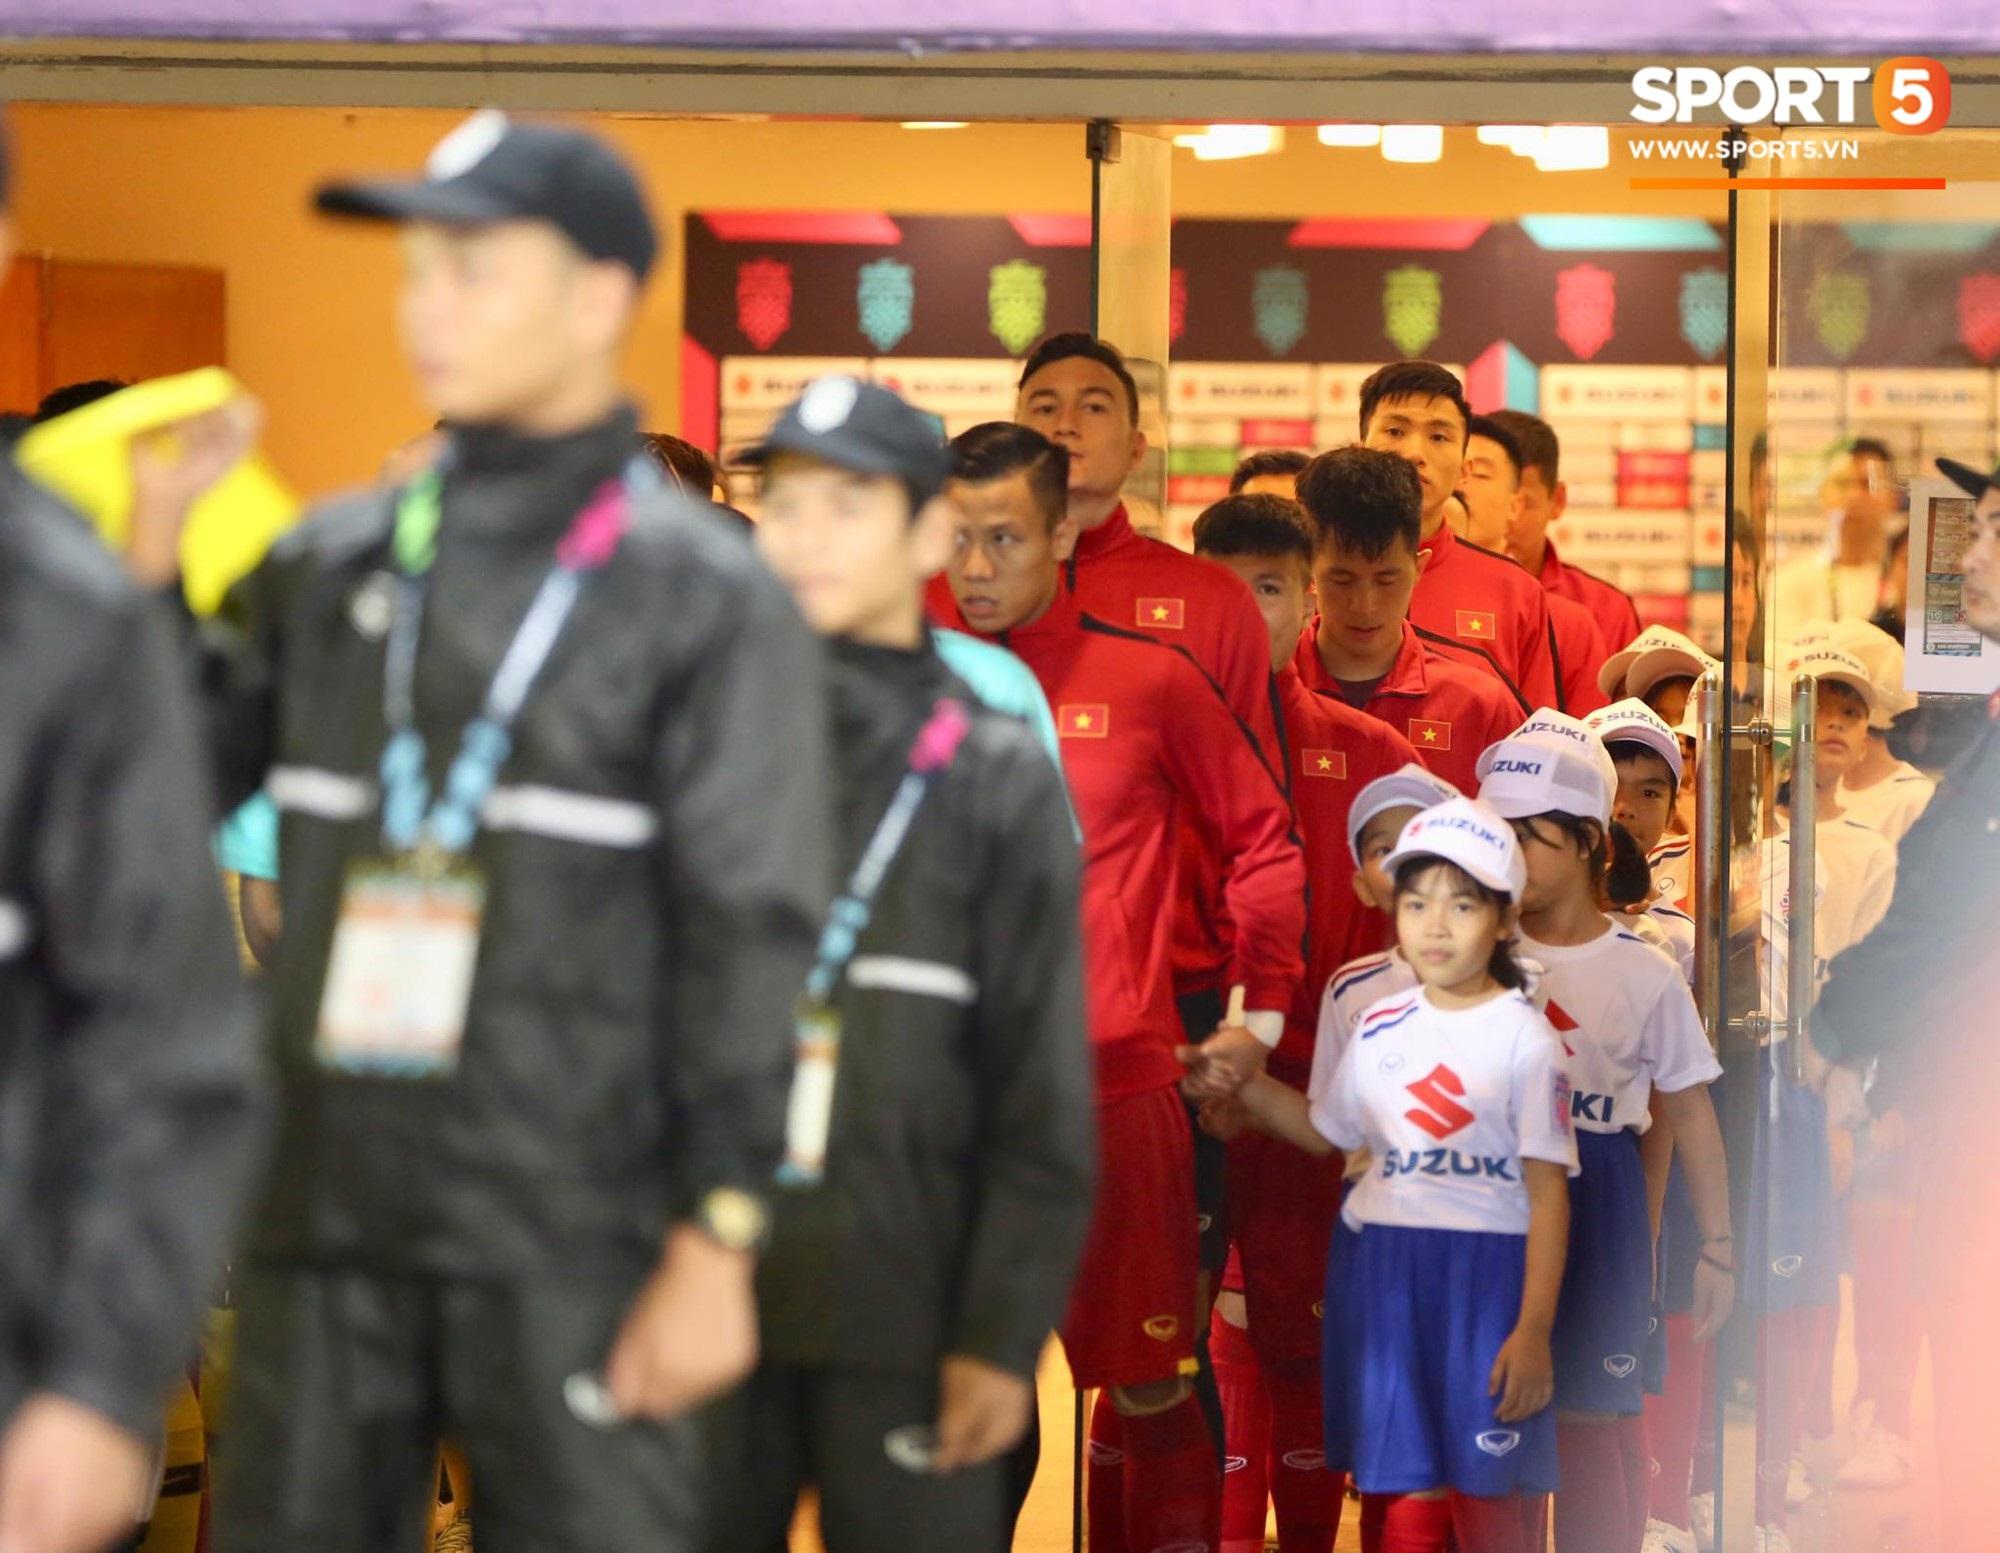 Giây phút chào cờ xúc động của đội tuyển Việt Nam, Đình Trọng, Hồng Duy cùng cầu nguyện trước khi xung trận - Ảnh 2